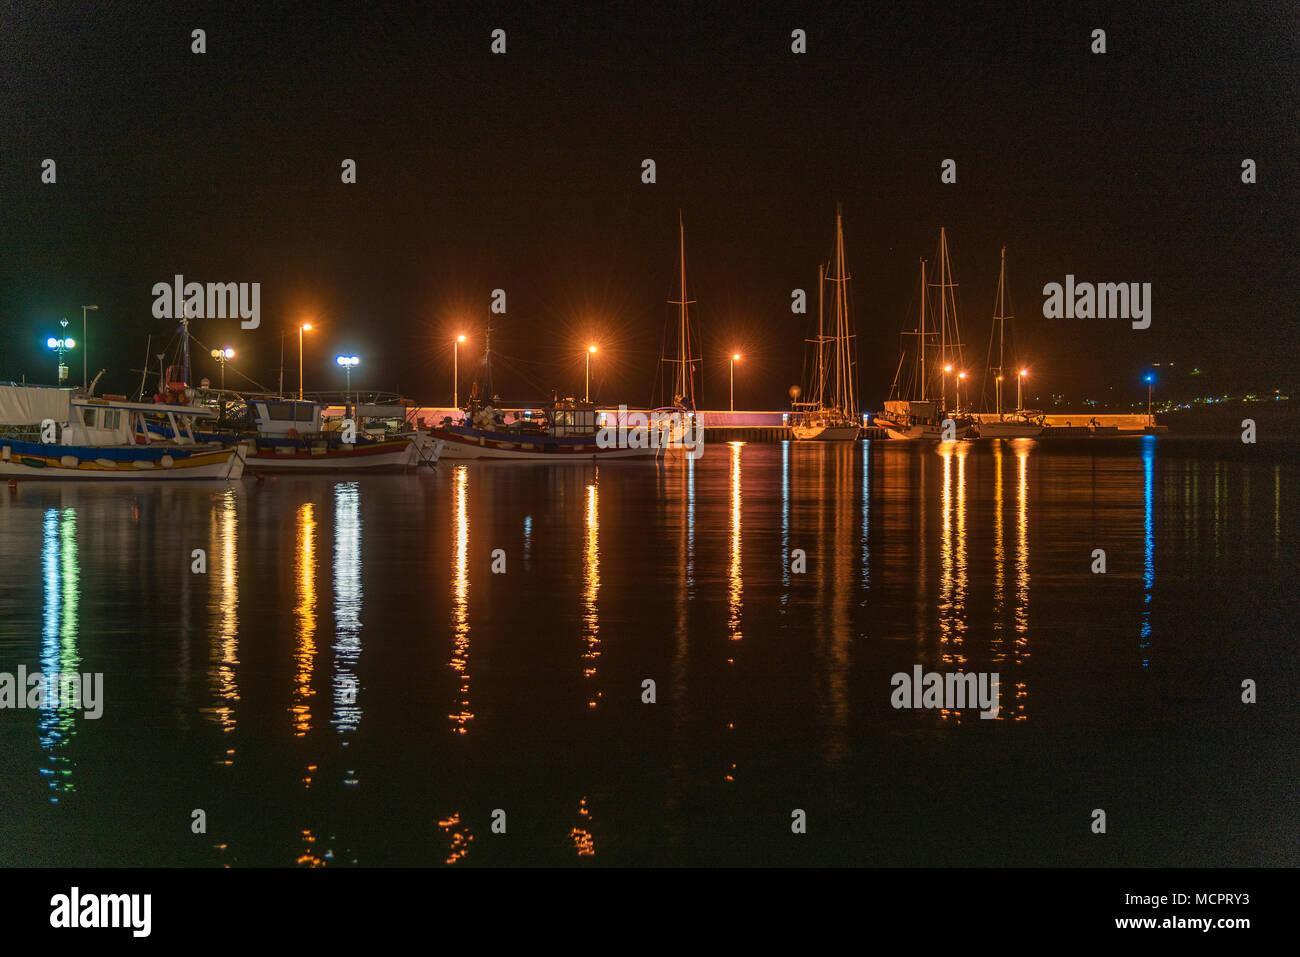 Der Hafen von Sitia auf Kreta bei Nacht mit Spiegelungen der Leuchten im Wasser - Stock Image